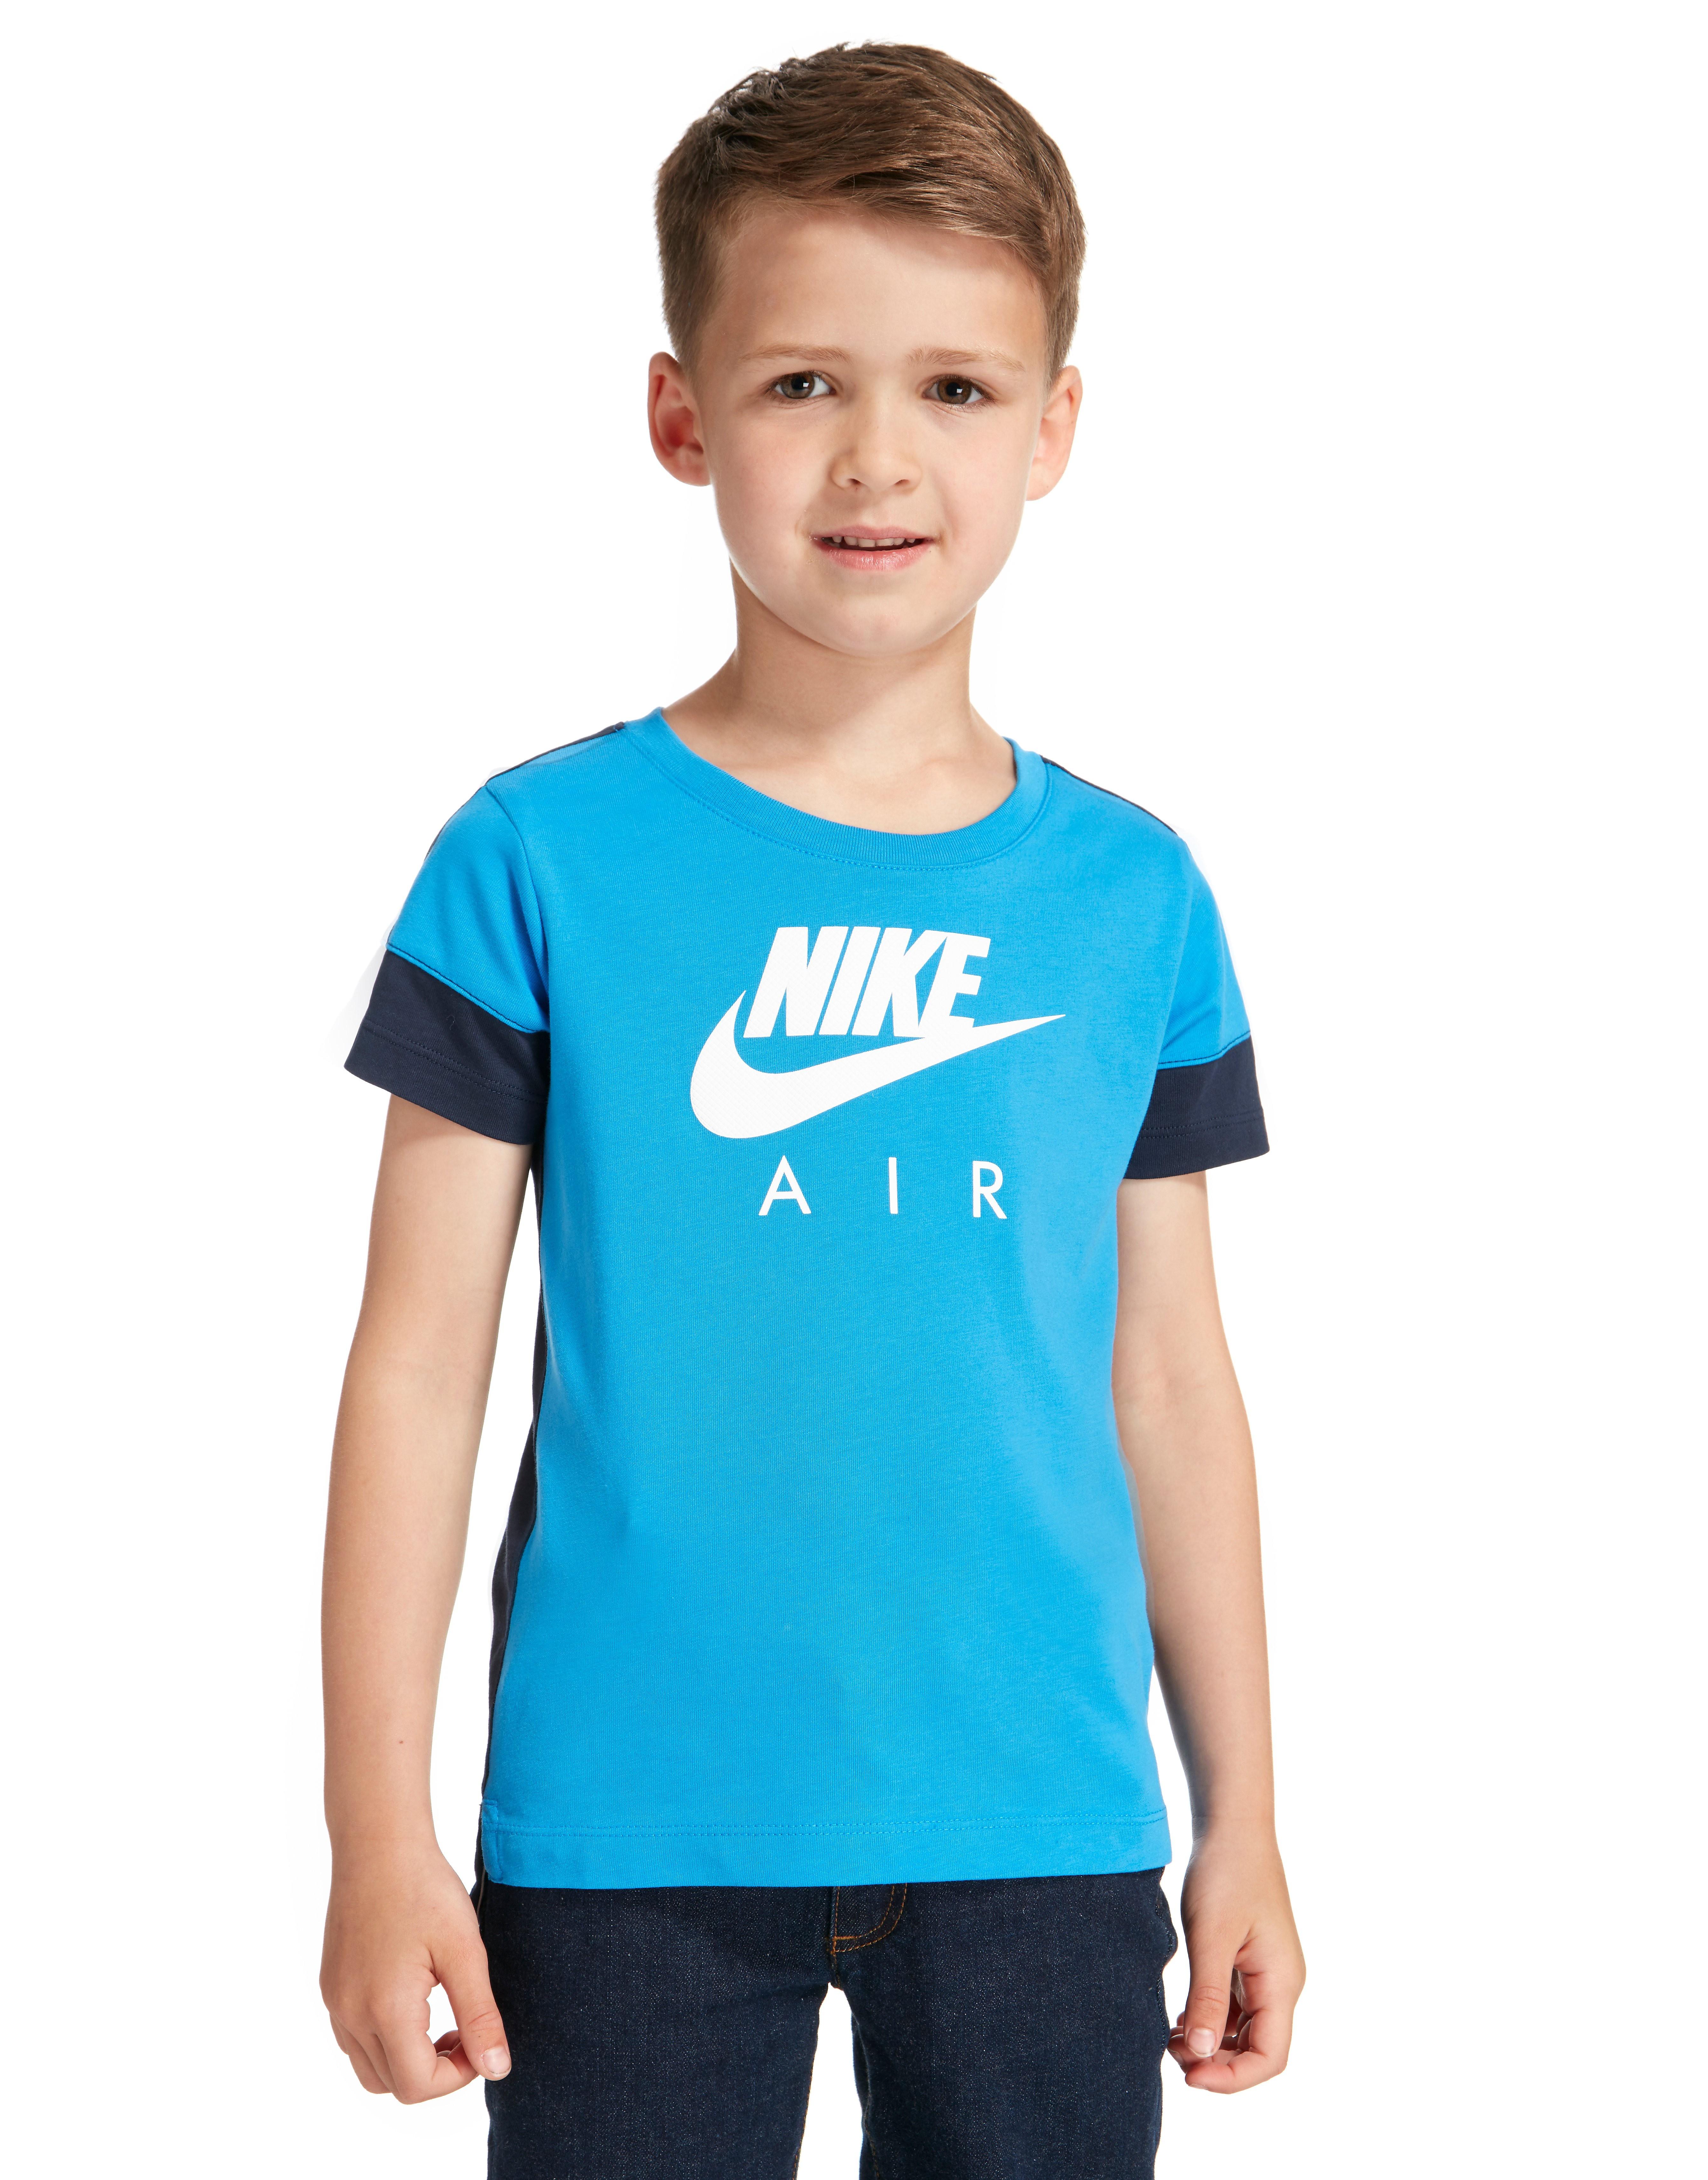 Nike Air Colour Block T-Shirt Children